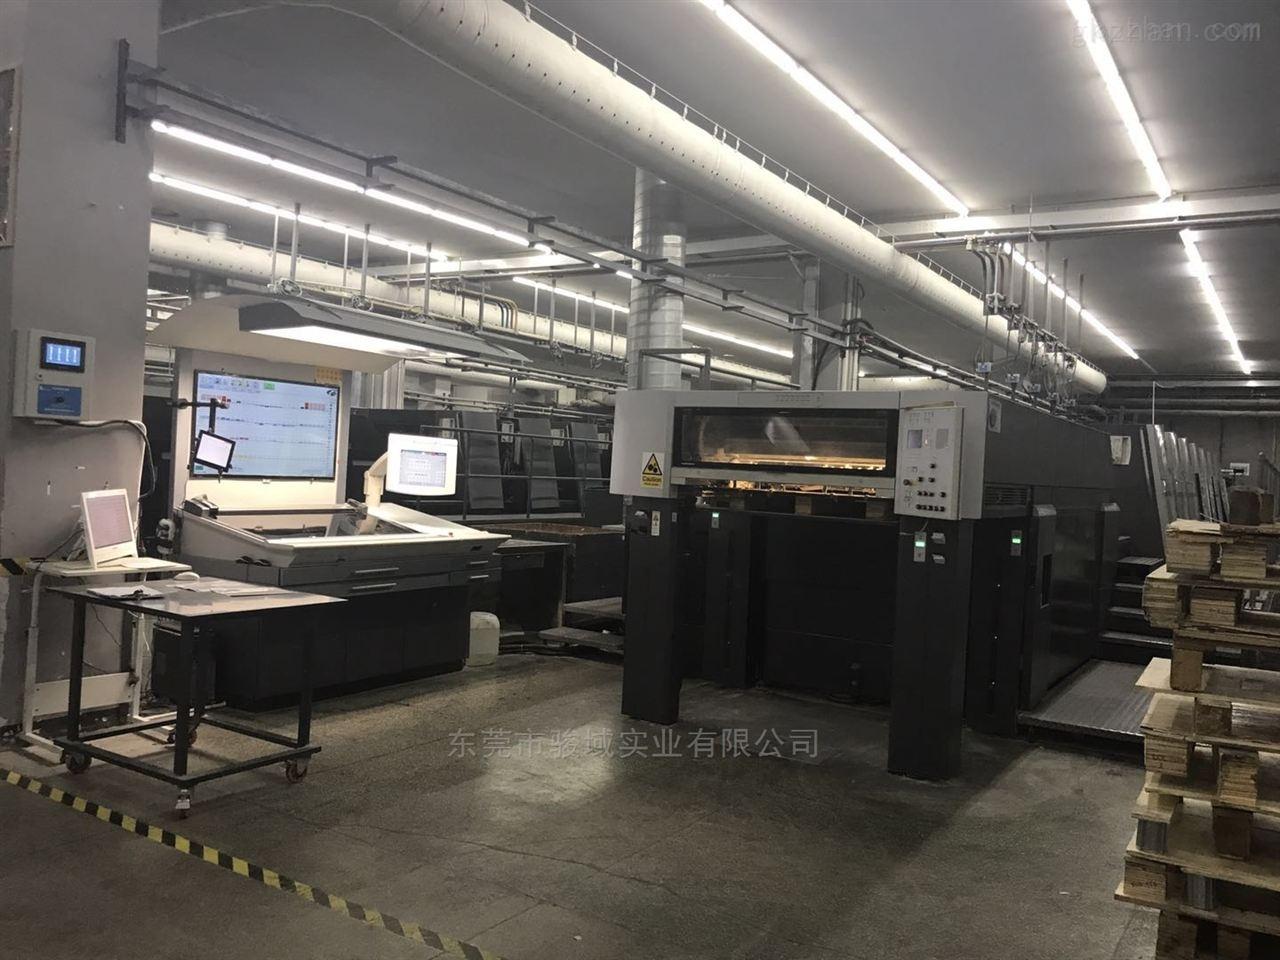 转让二手海德堡印刷机